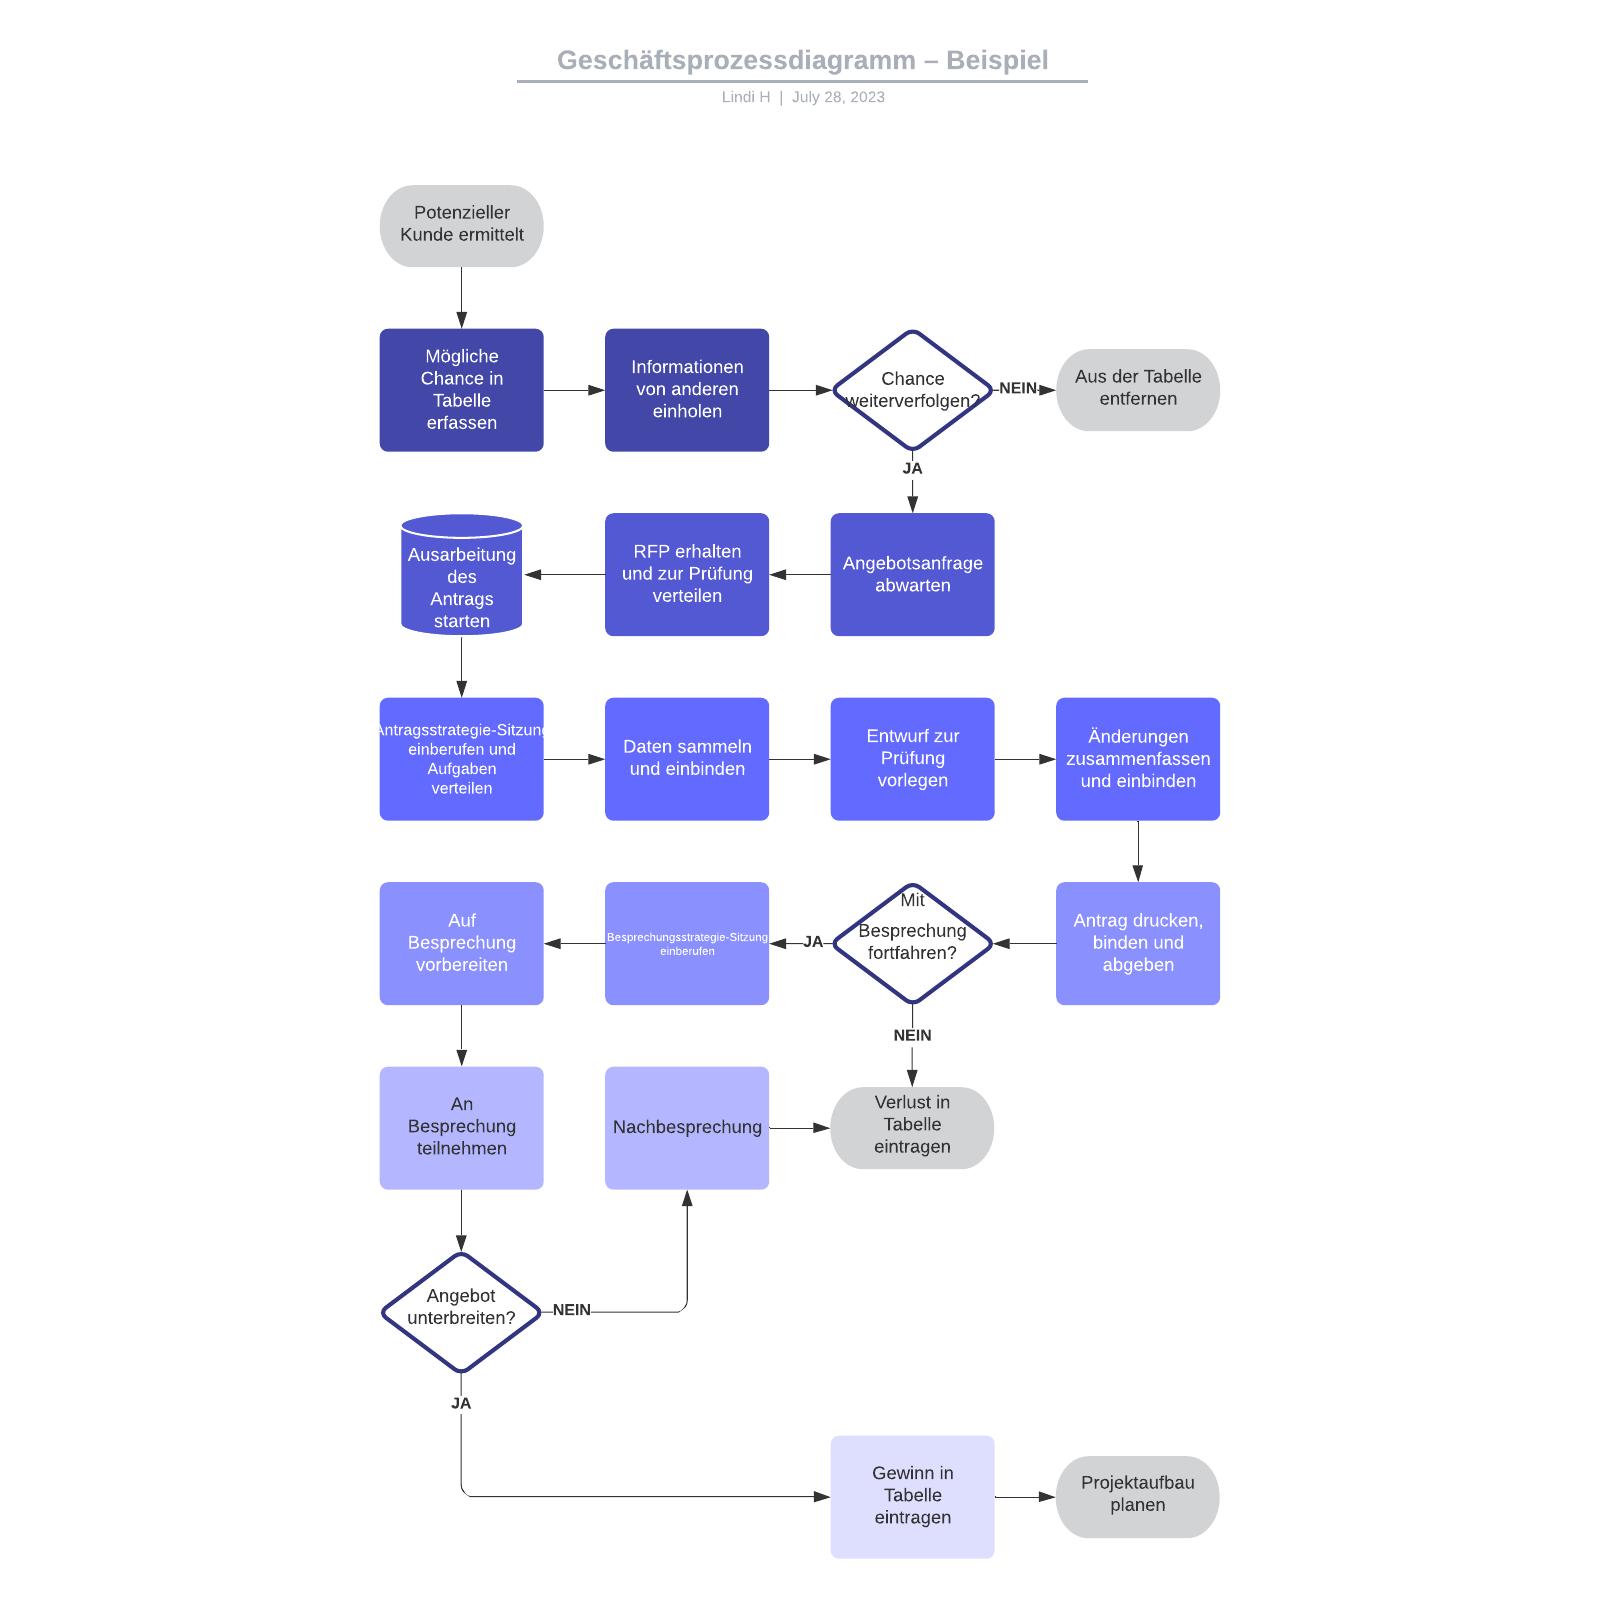 Geschäftsprozessdiagramm– Beispiel